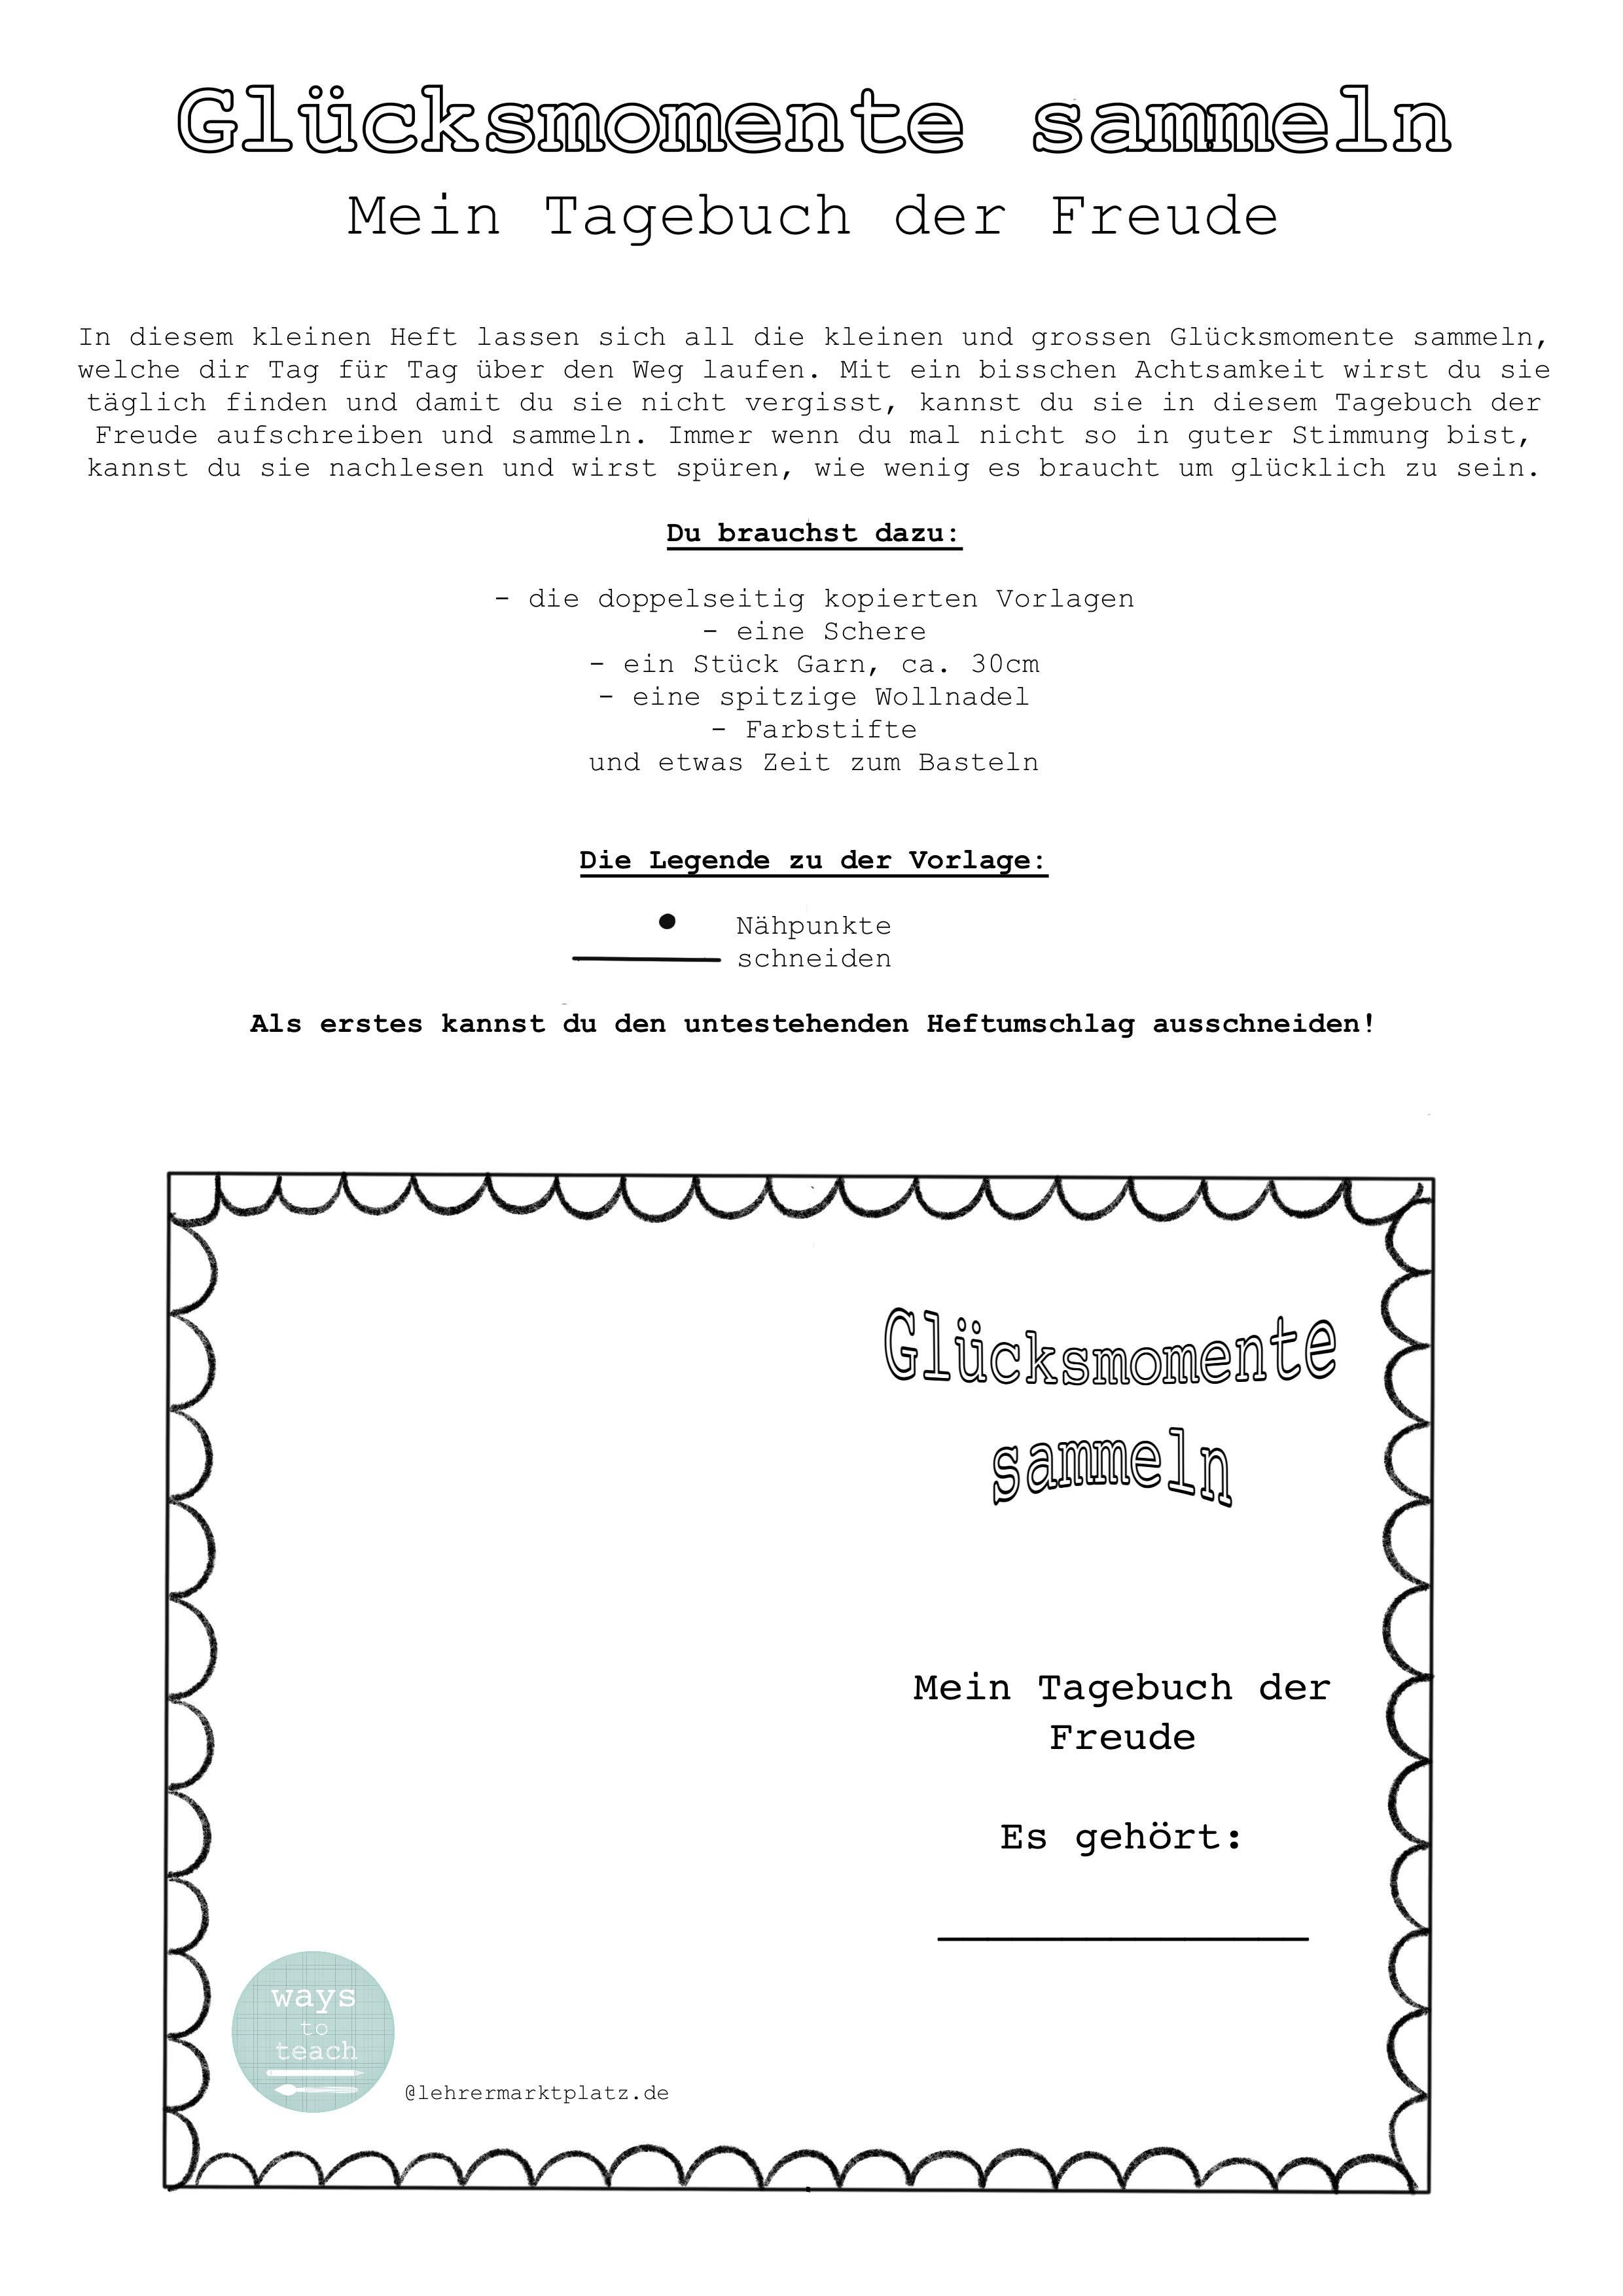 Glucksmomente Sammeln Und Tagebuch Der Freude Schreiben Unterrichtsmaterial In Den Fachern Ethik Kunst In 2020 Ethik Unterricht Ethik Dieser Moment